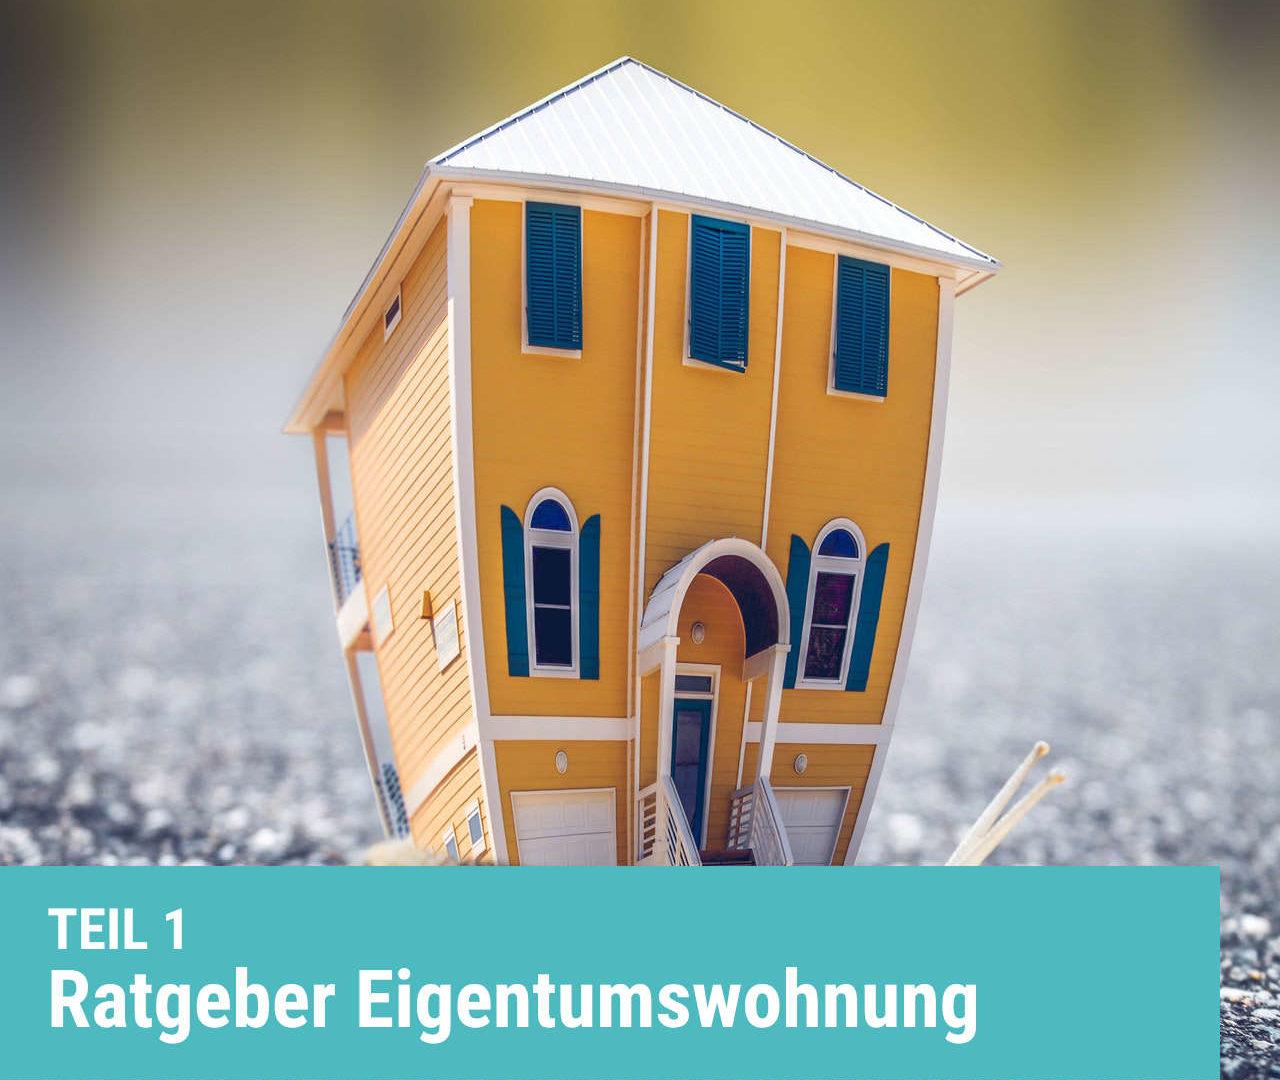 Ratgeber_Eigentumswohnung